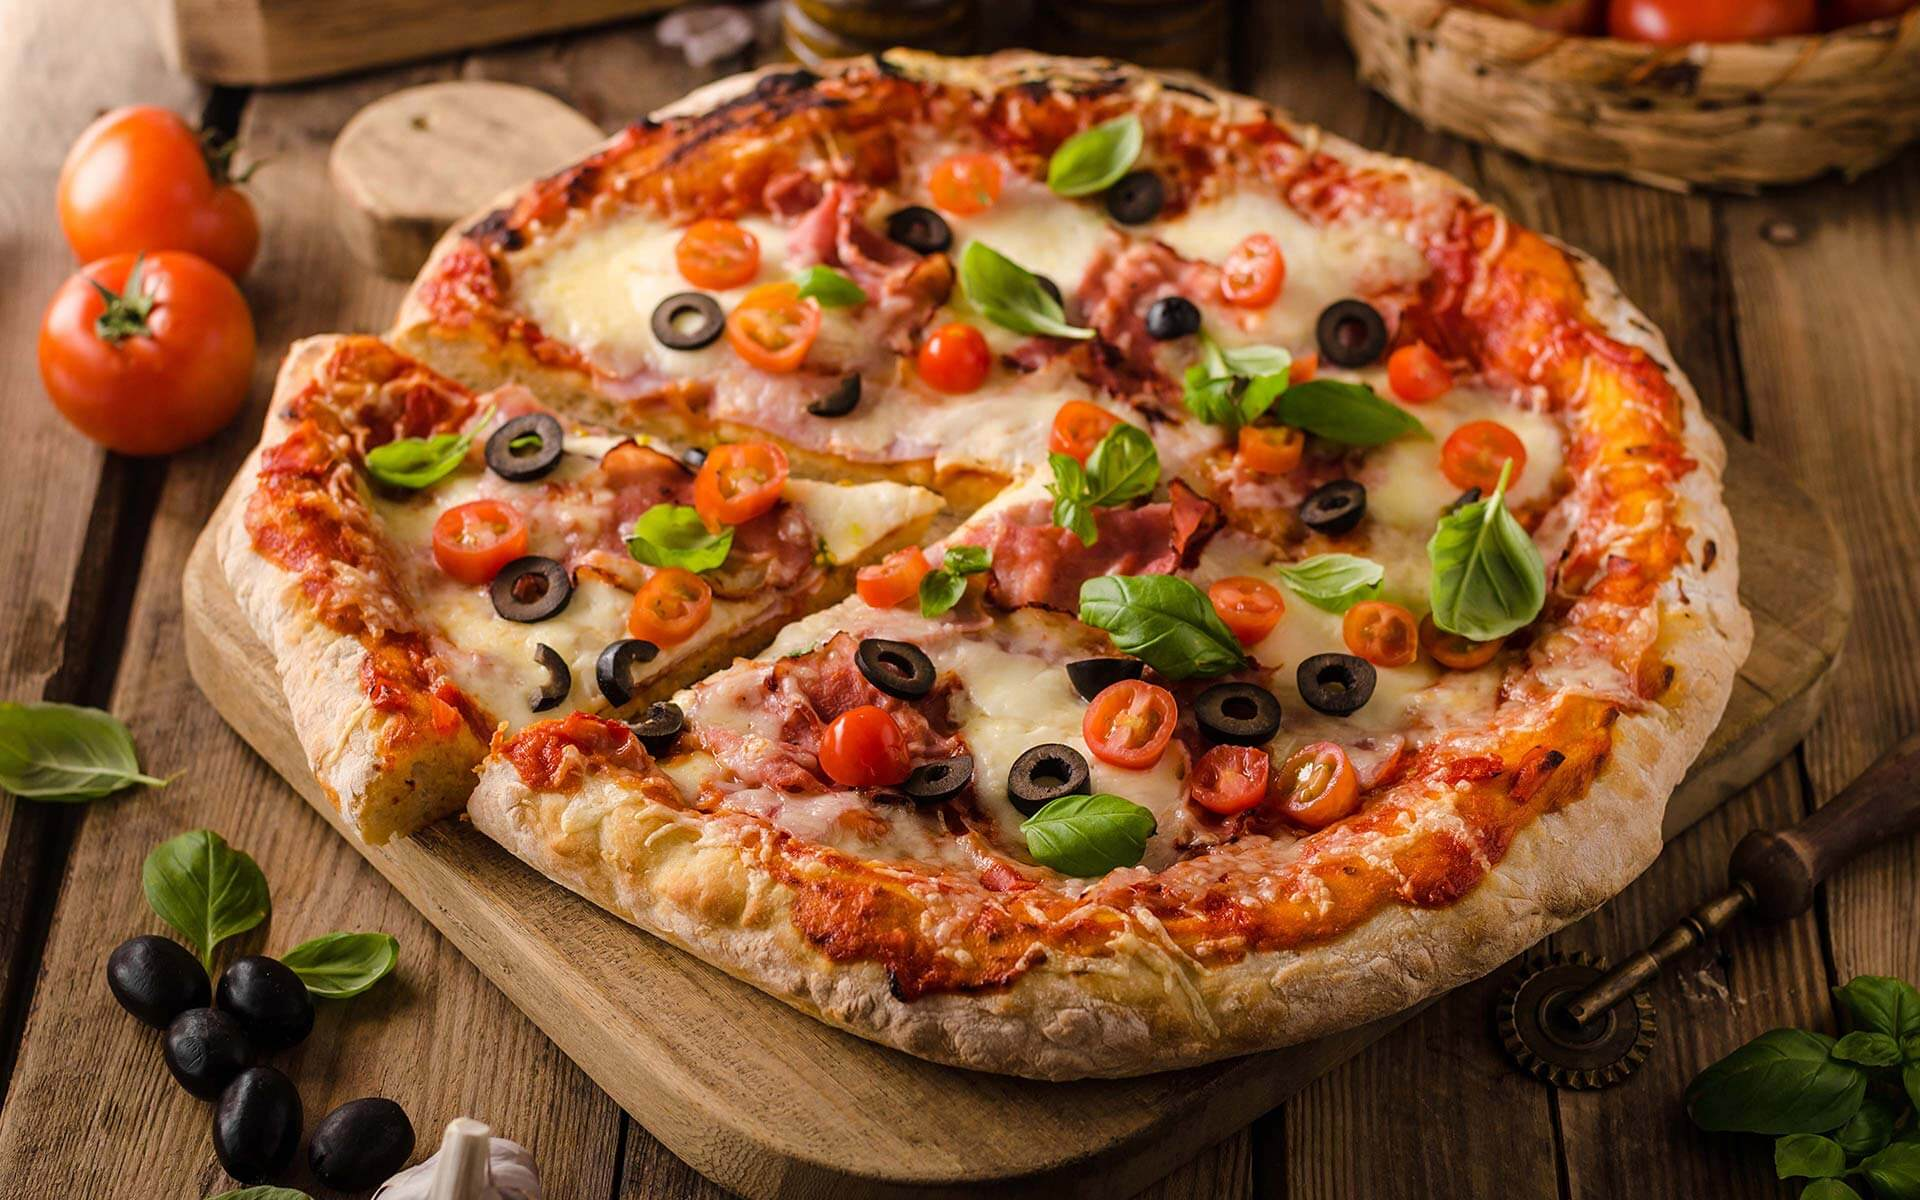 доставка пиццы переделкино солнцево юго запад